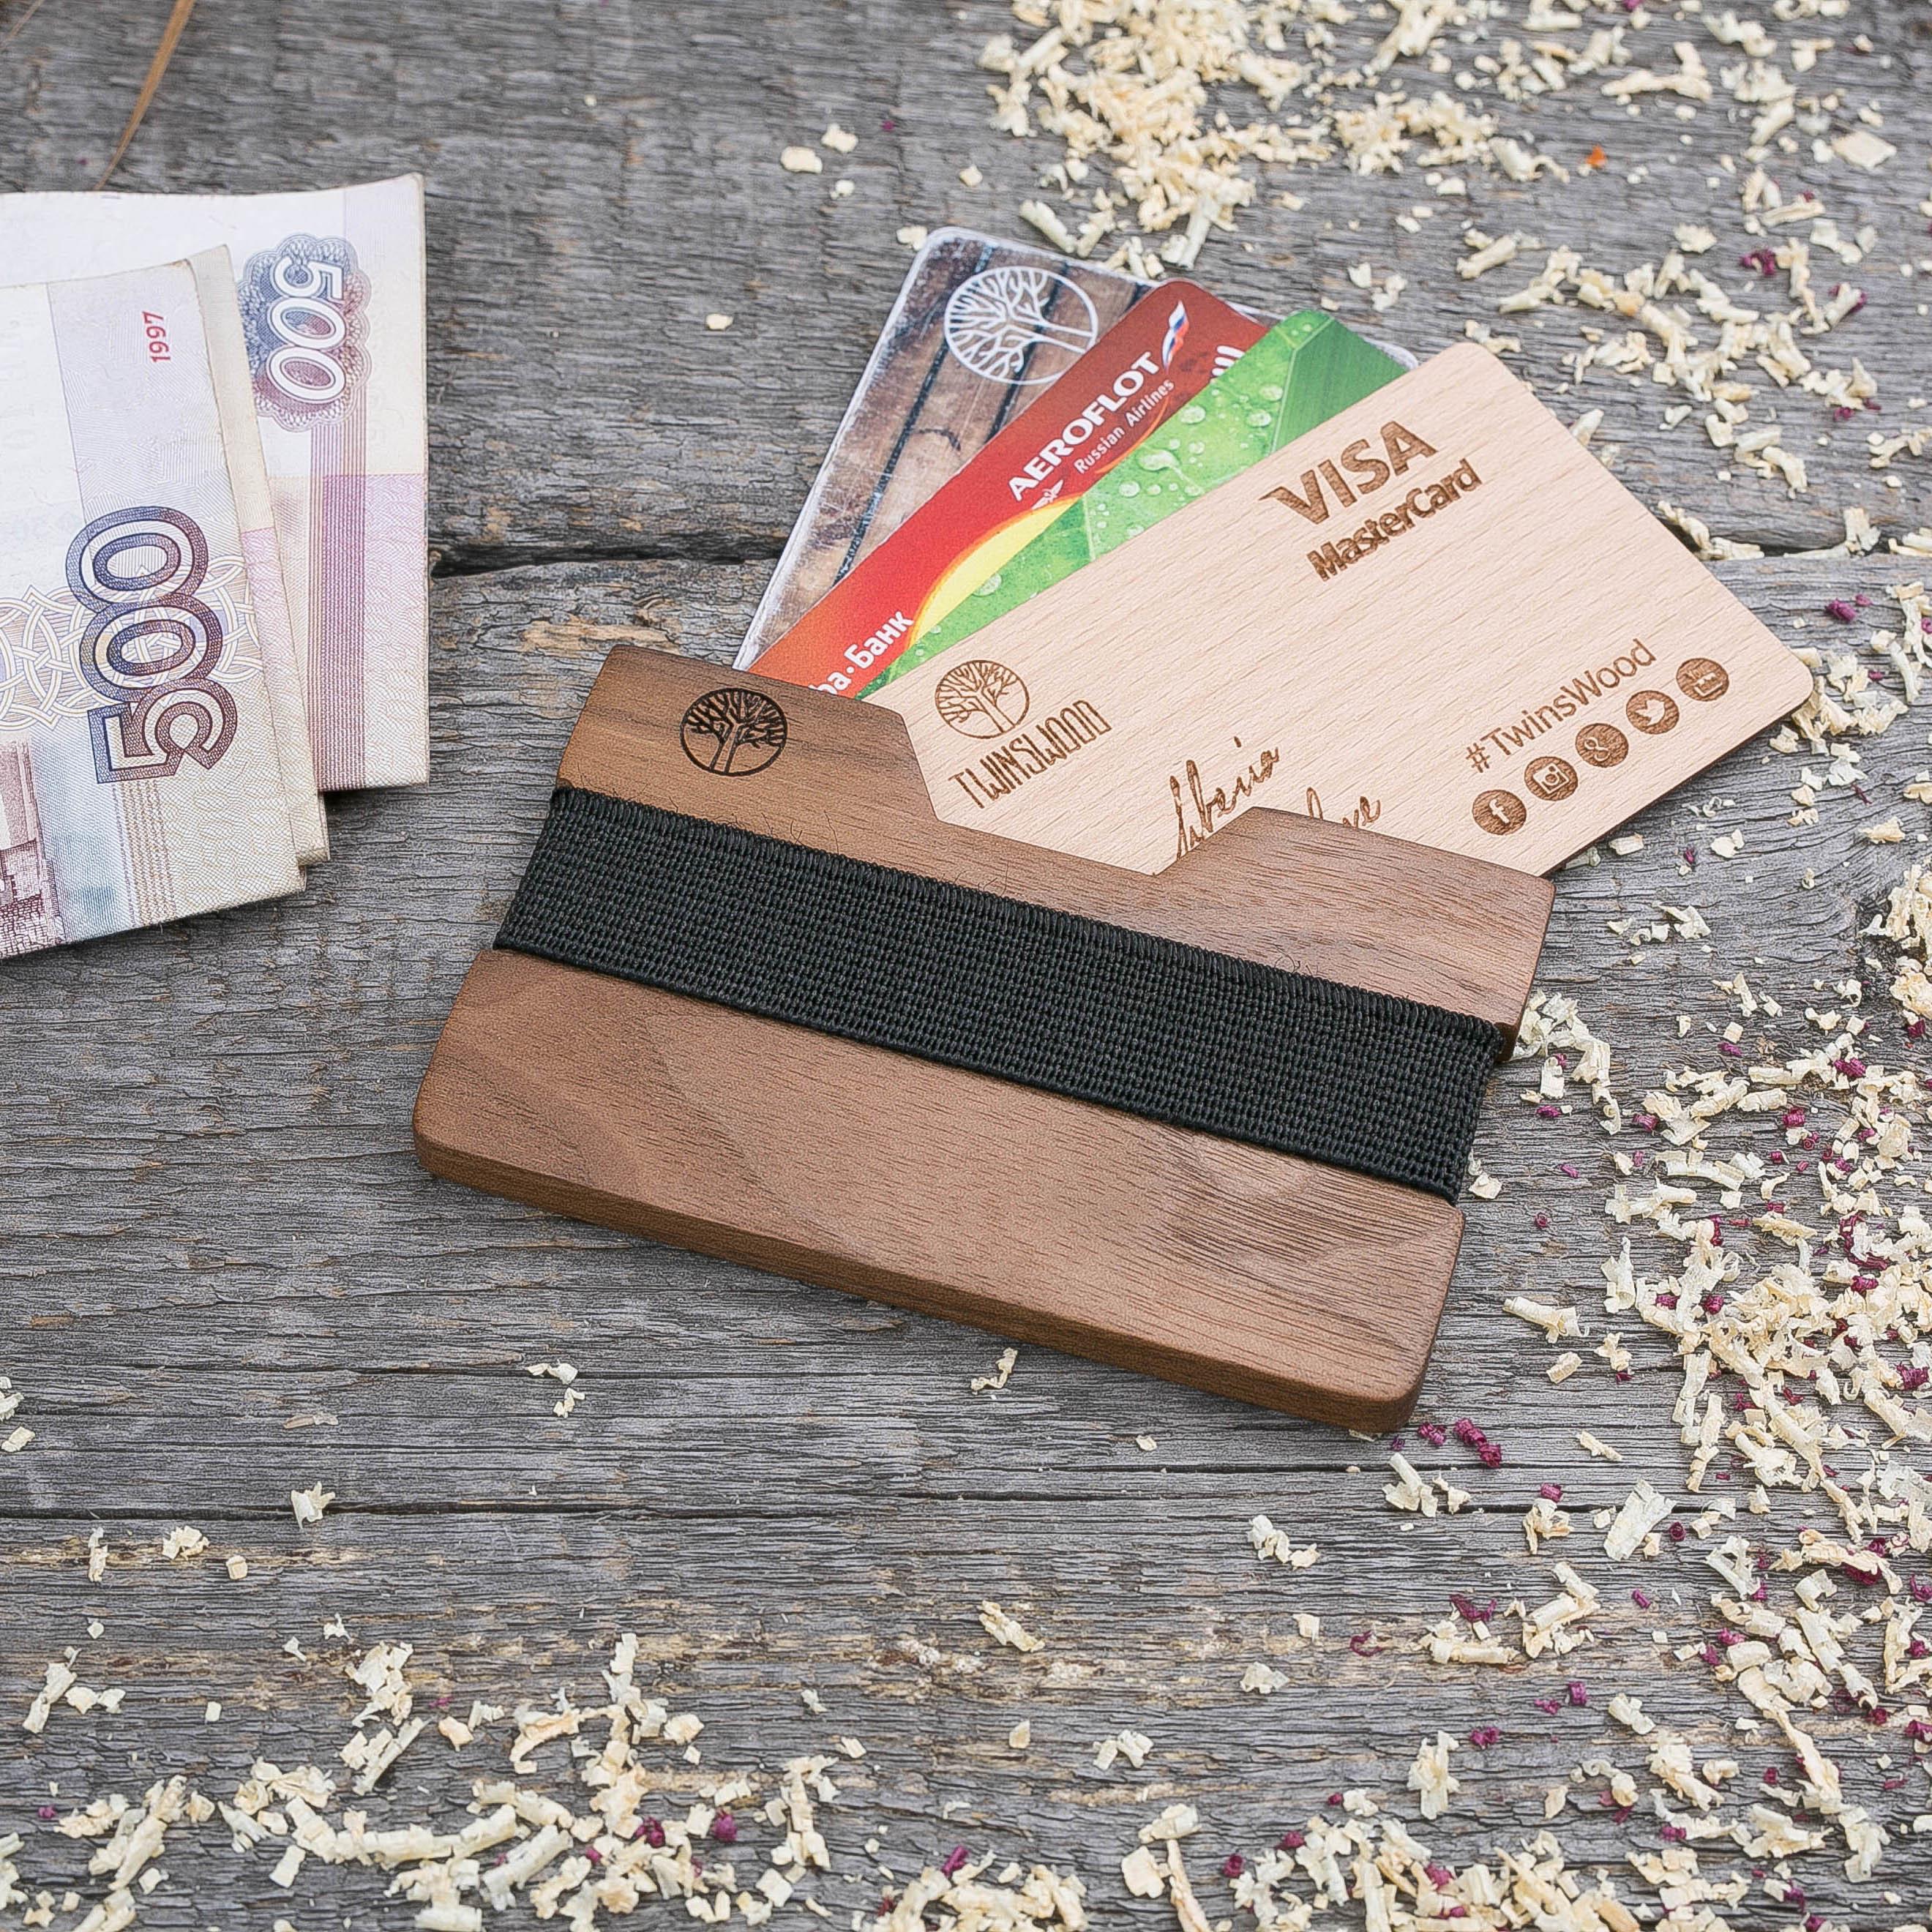 Деревянный кошелек  из ореха. Горизонтальная загрузка. Для 1-6 пластиковых карт и купюр. Поддержка Apple Pay. Гравировка имени или логотипа. Бизнес сувенир. Подарок другу. Именной кошелек TwinsWood-WalnutH